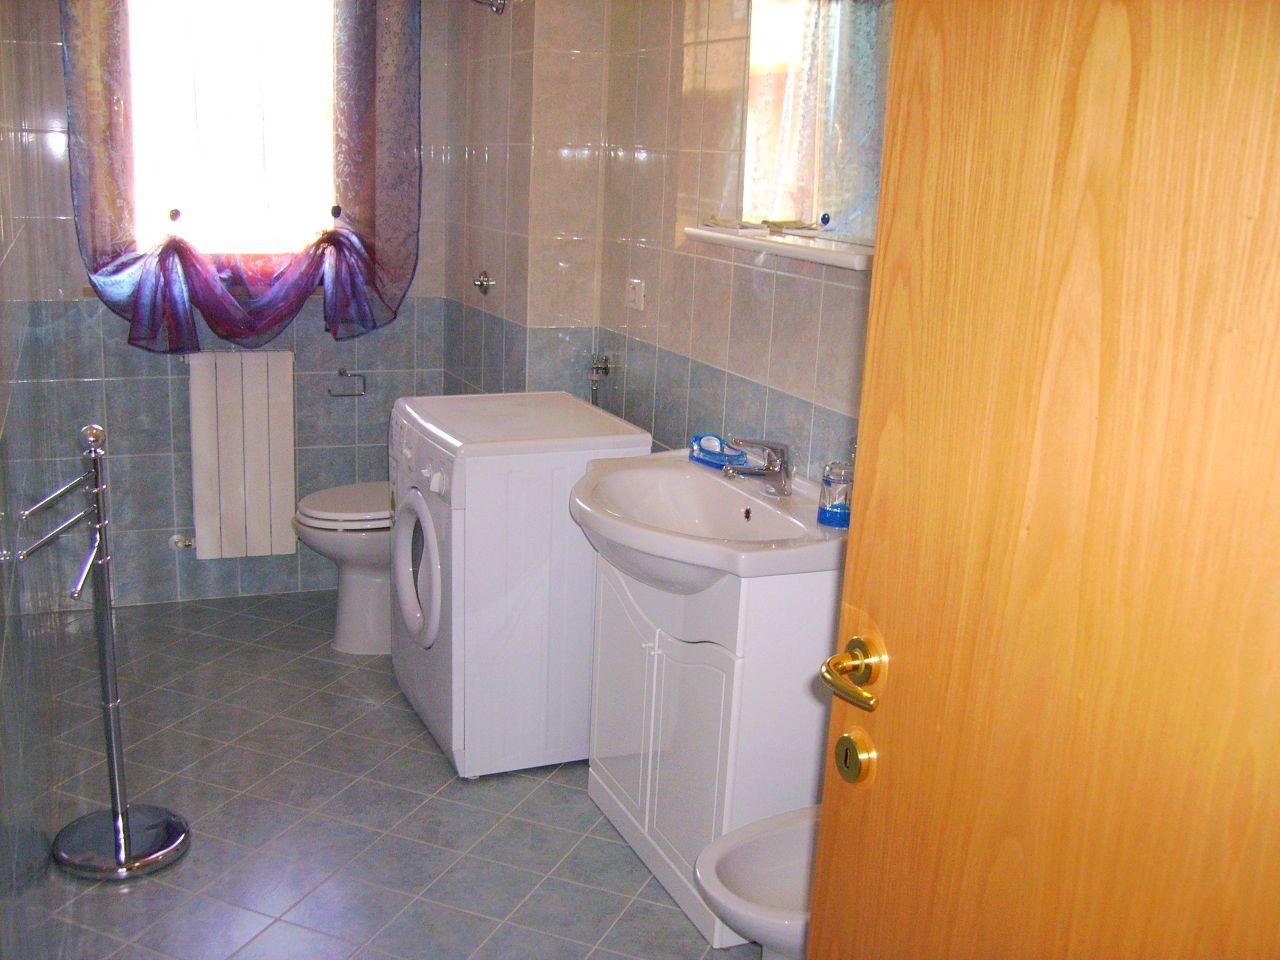 Appartamento in vendita a Folignano, 3 locali, zona Località: VillaPigna, prezzo € 115.000 | CambioCasa.it